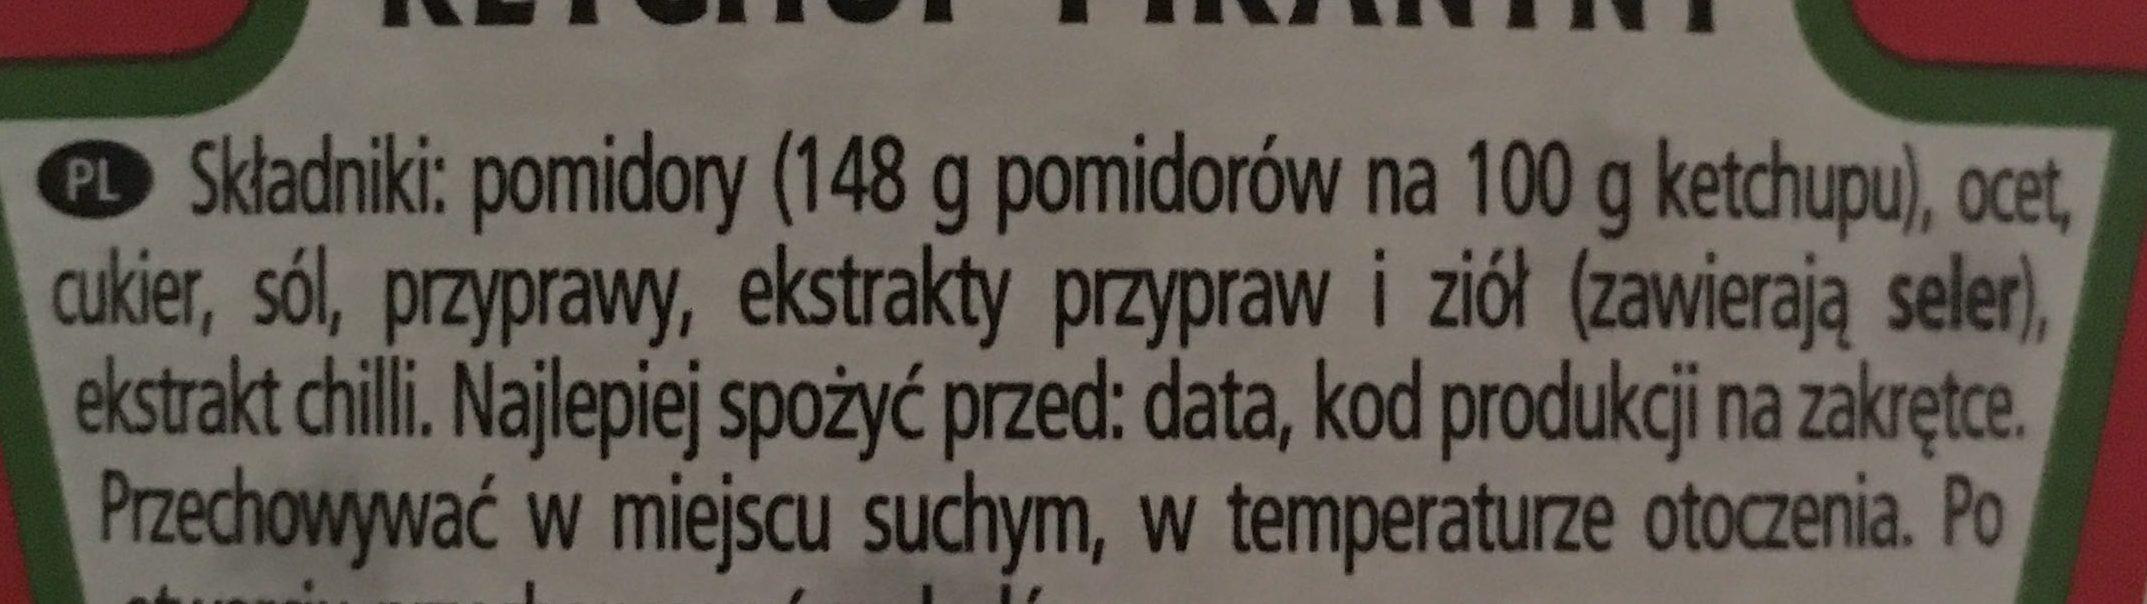 Ketchup Pikantny - Składniki